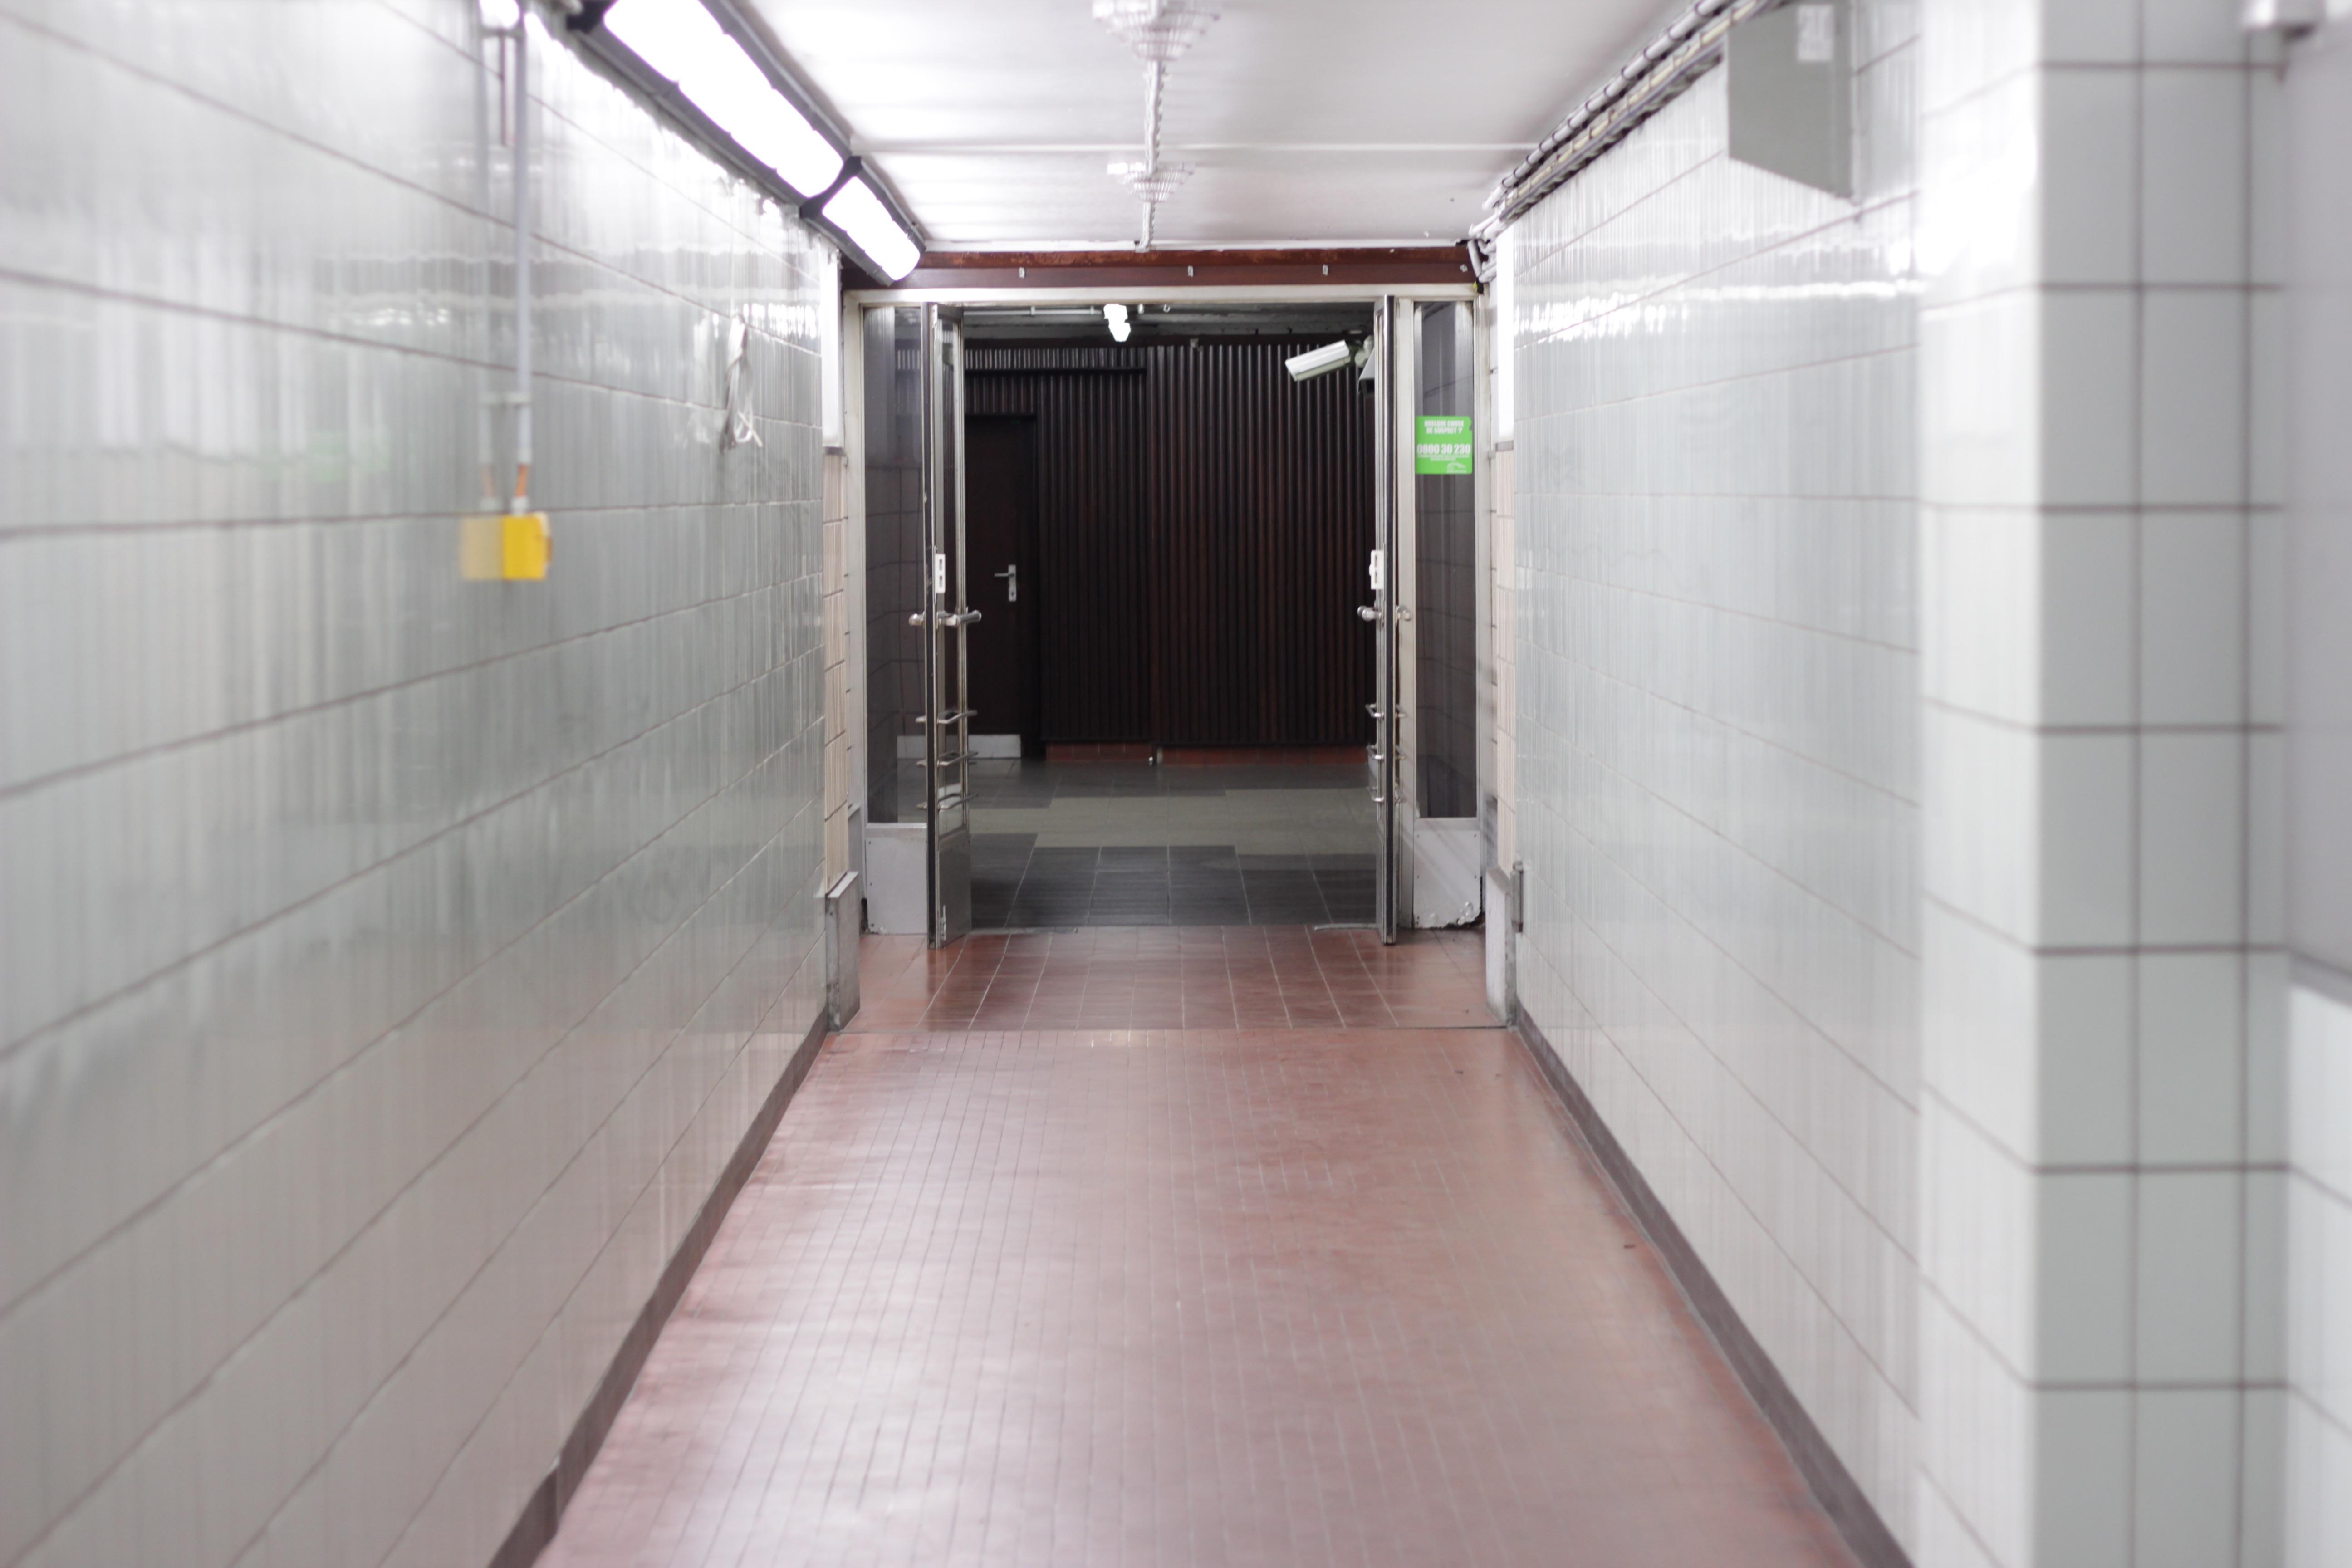 Innenarchitektur Halle kostenlose foto stock u bahn halle zimmer öffentlicher verkehr